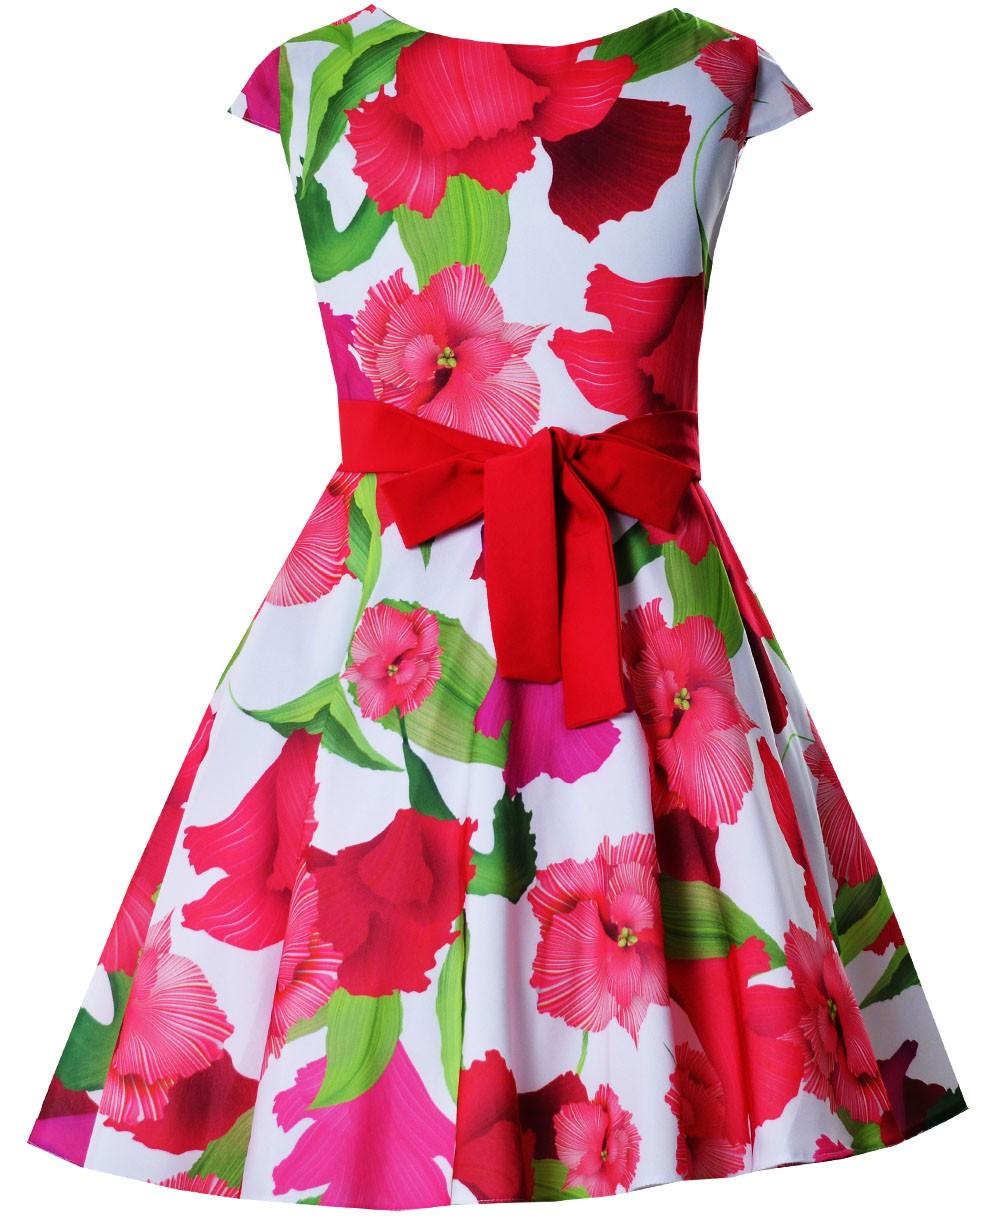 ccd6c0c03d Sukienka Alyssa czerwone kwiaty - EMMA Polska Marka Odzieży Dziecięcej